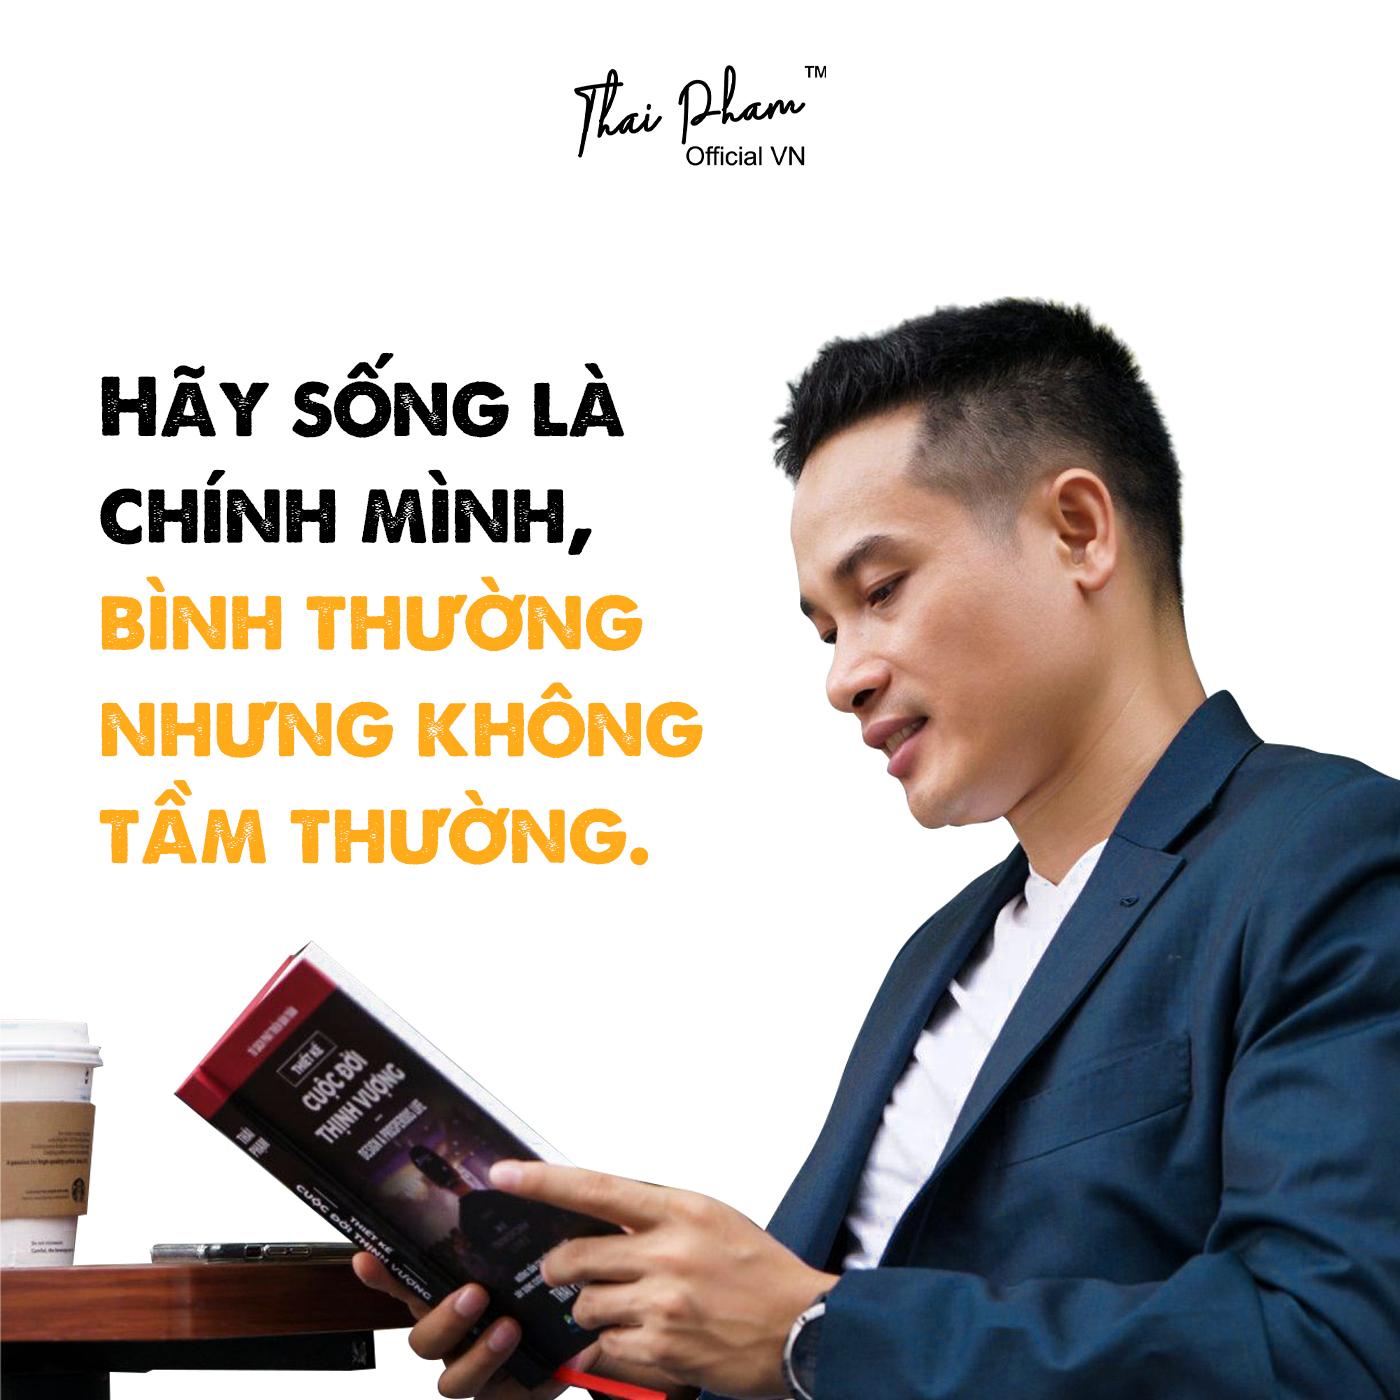 hay-song-la-chinh-minh-tp-blog